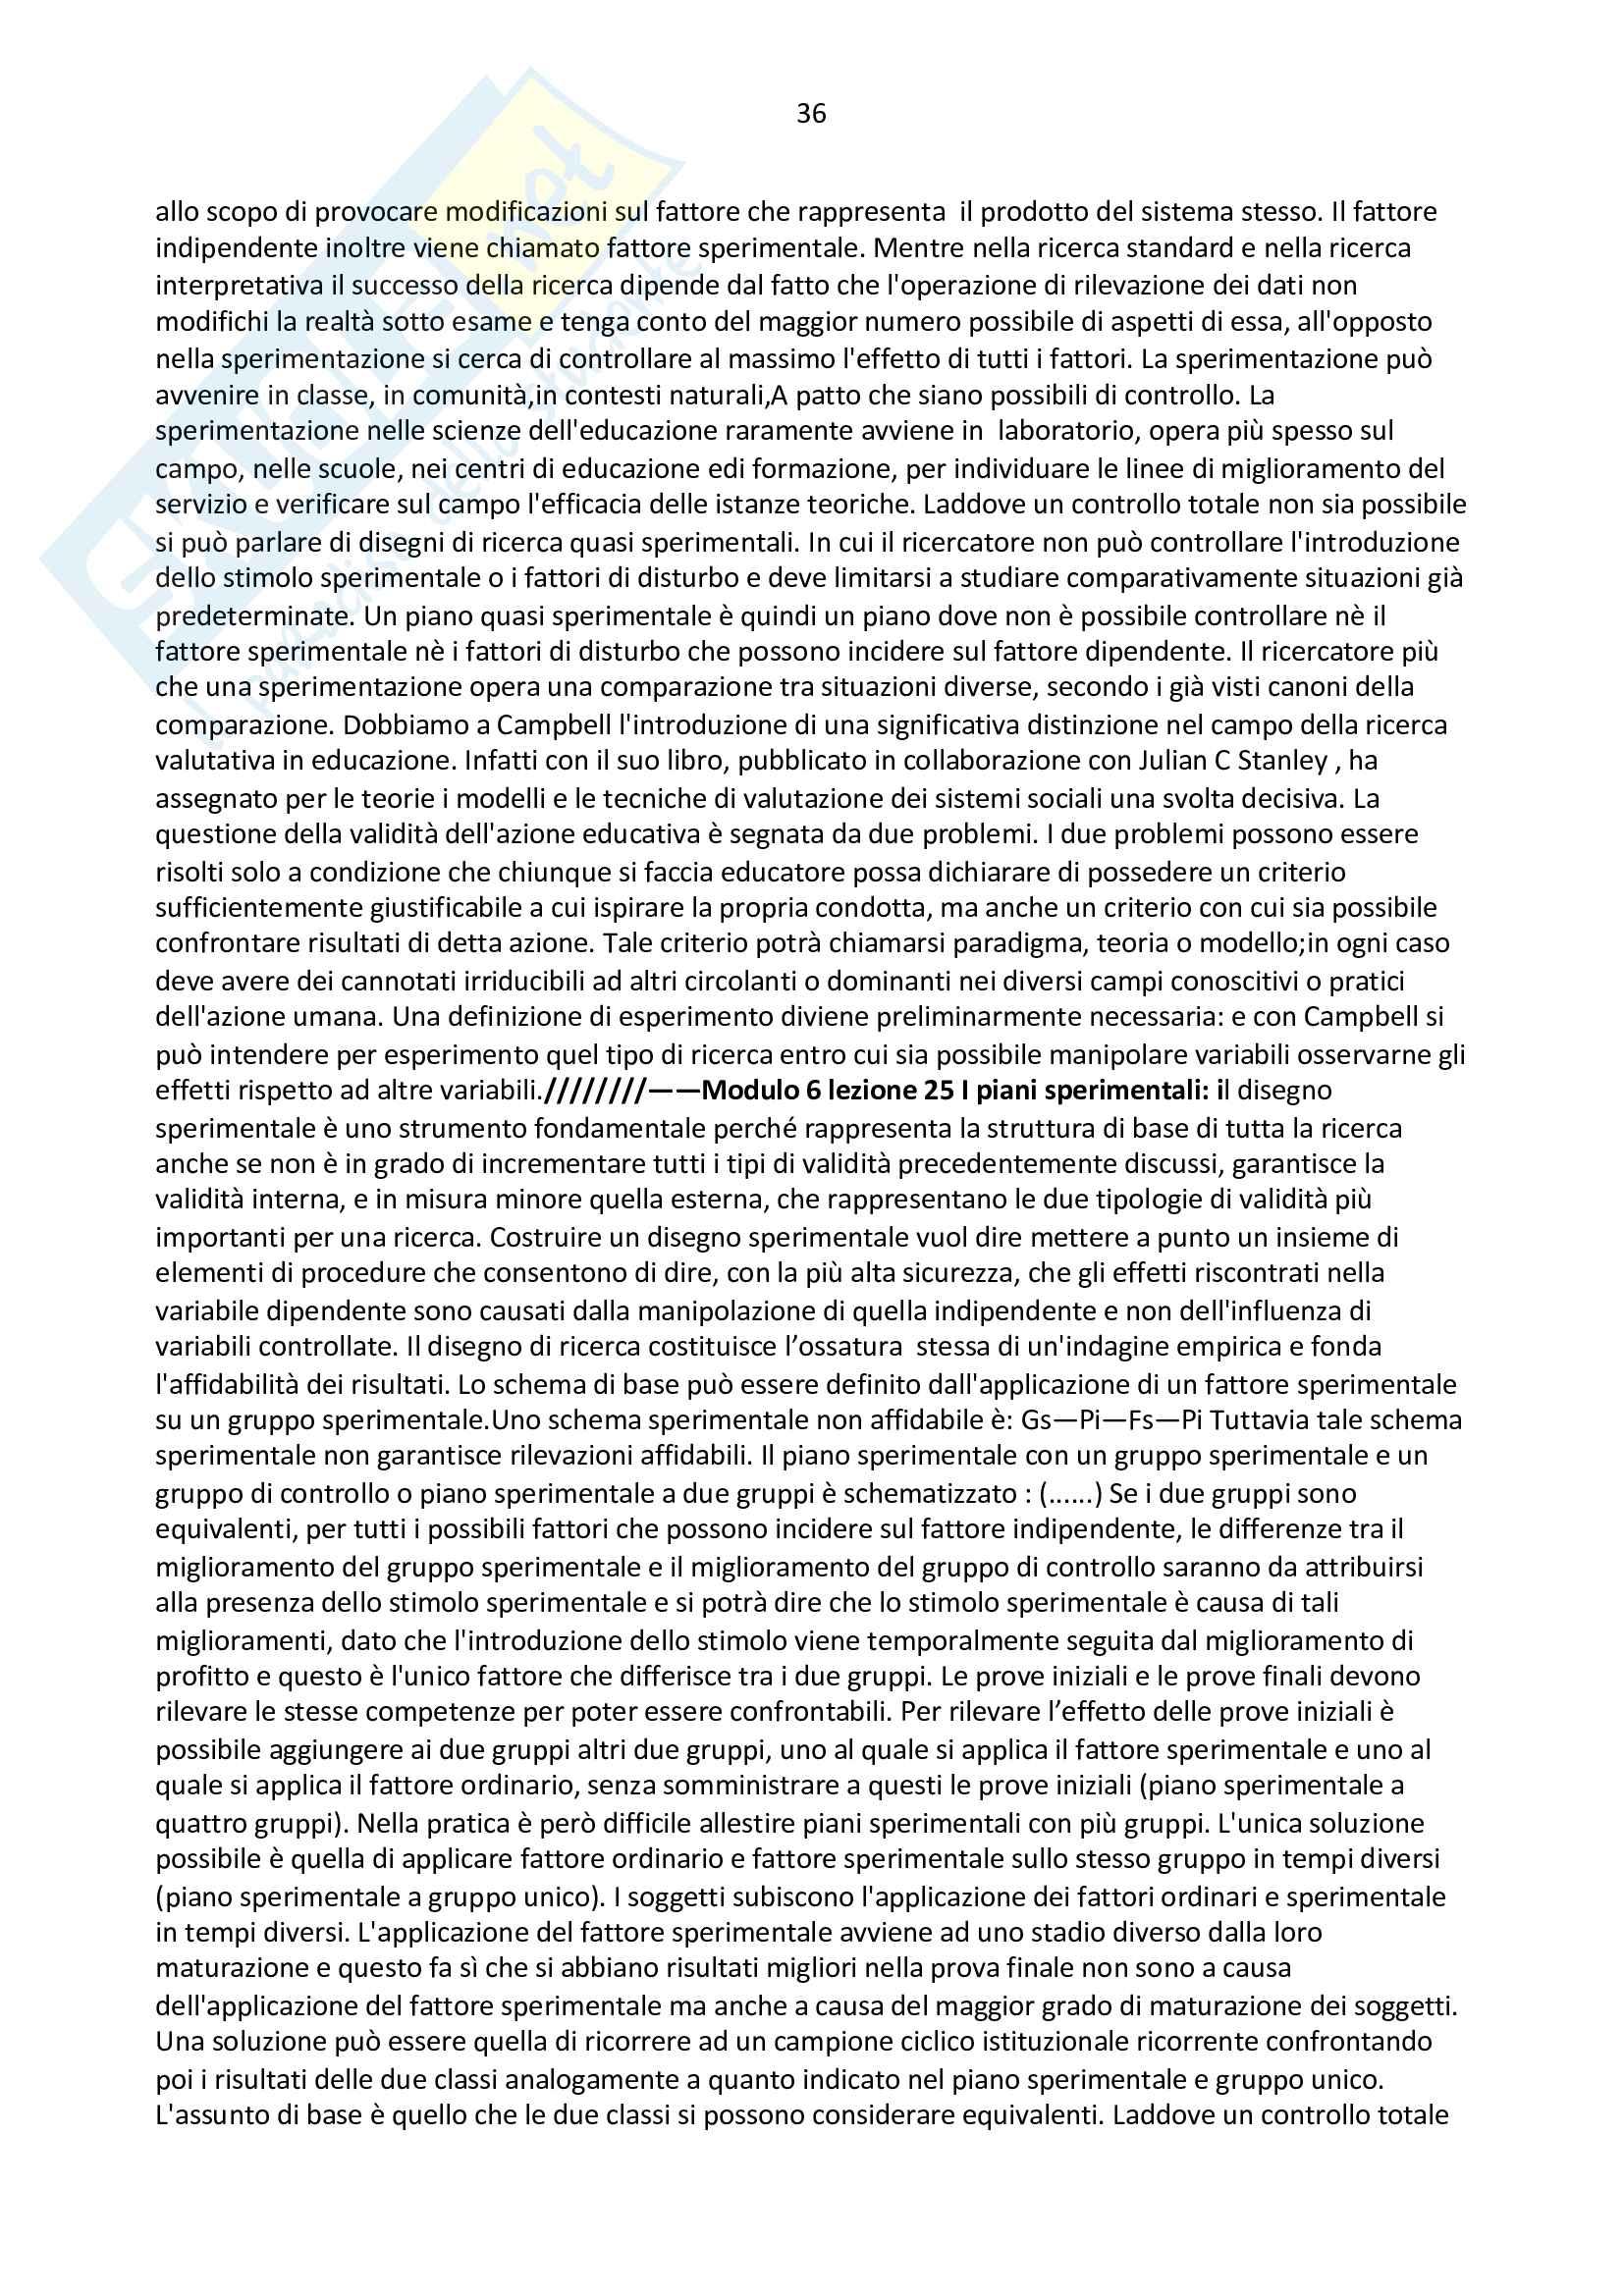 Riassunto pedagogia sperimentale - prof Melchiori Pag. 36